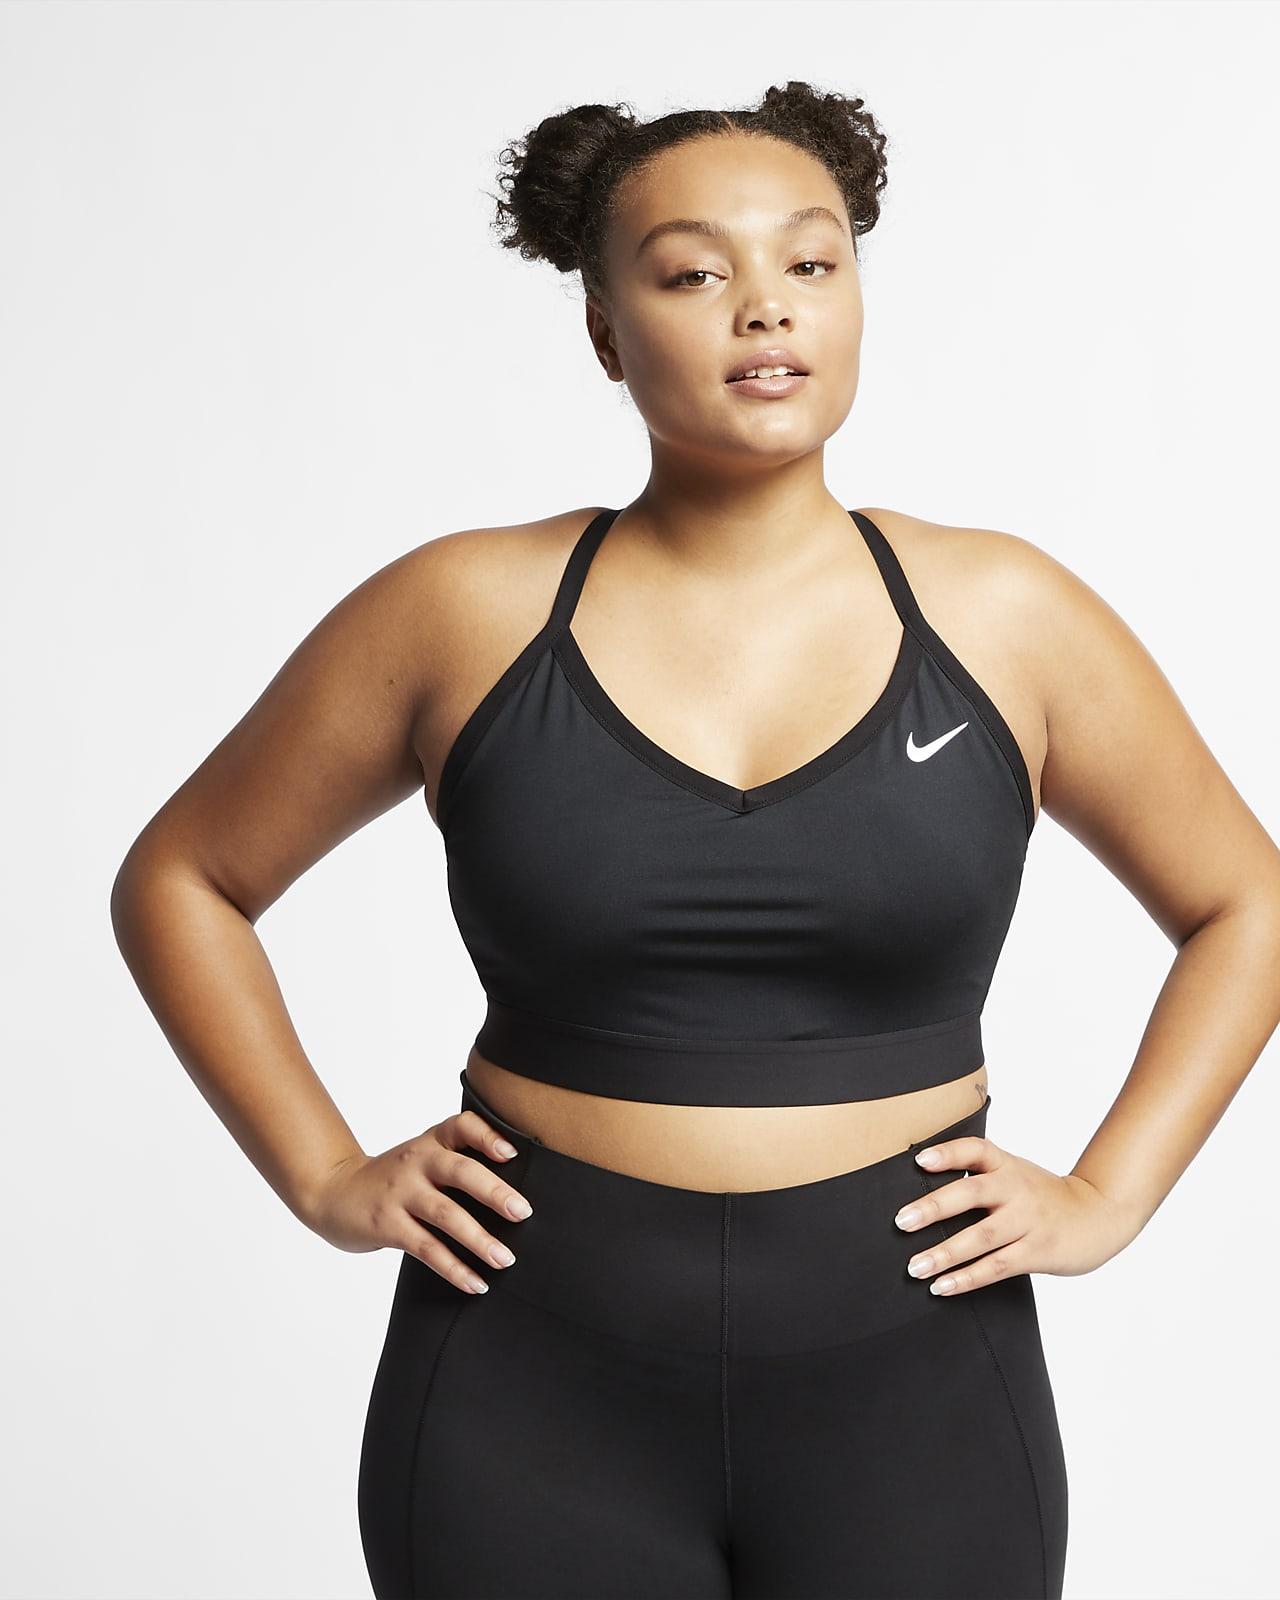 Dámská sportovní podprsenka Nike Dri-FIT Indy slehkou oporou avycpávkami (větší velikost)